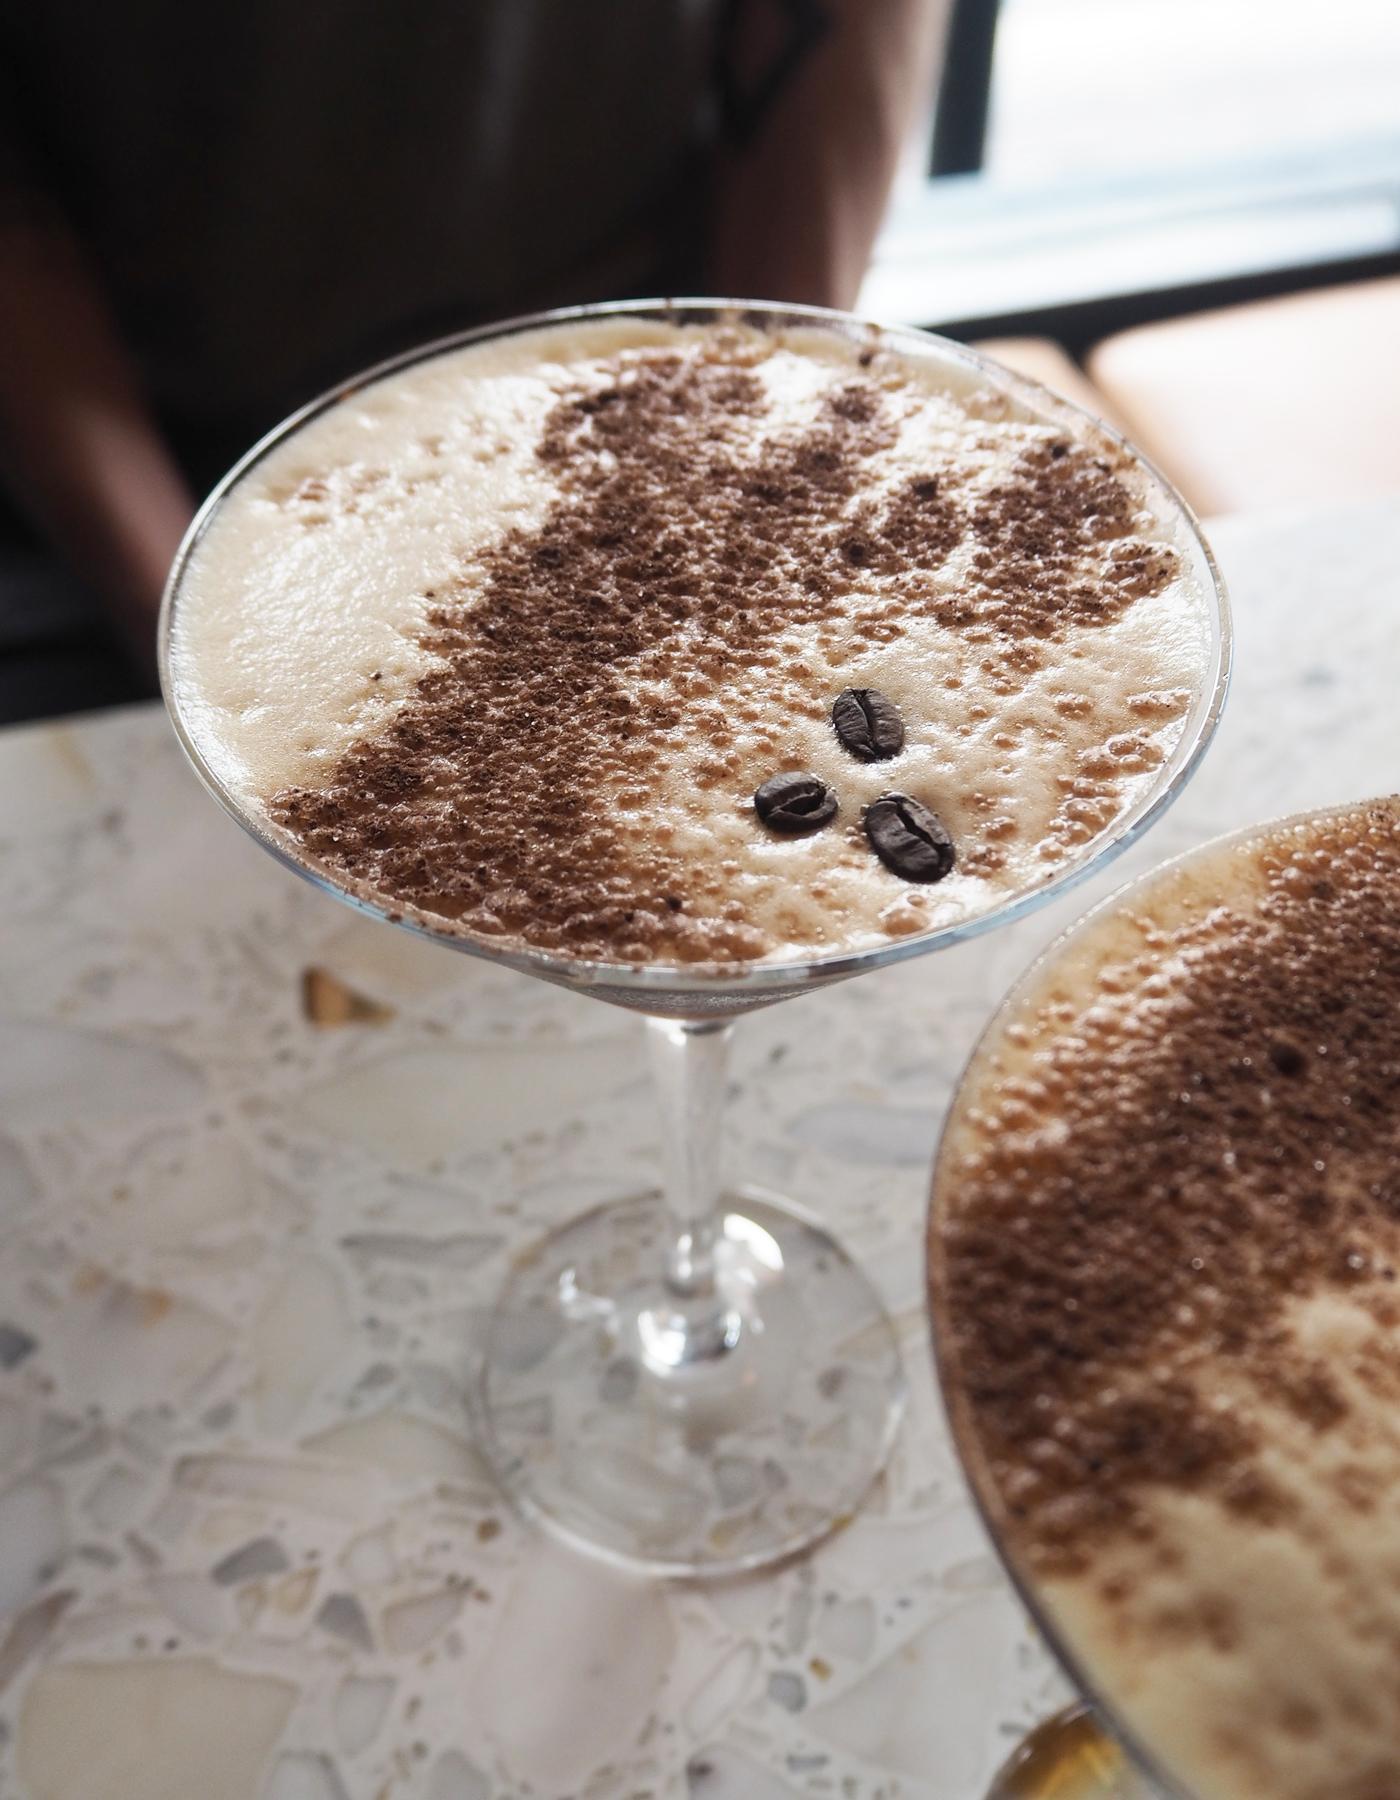 Senor Ceviche expresso martini